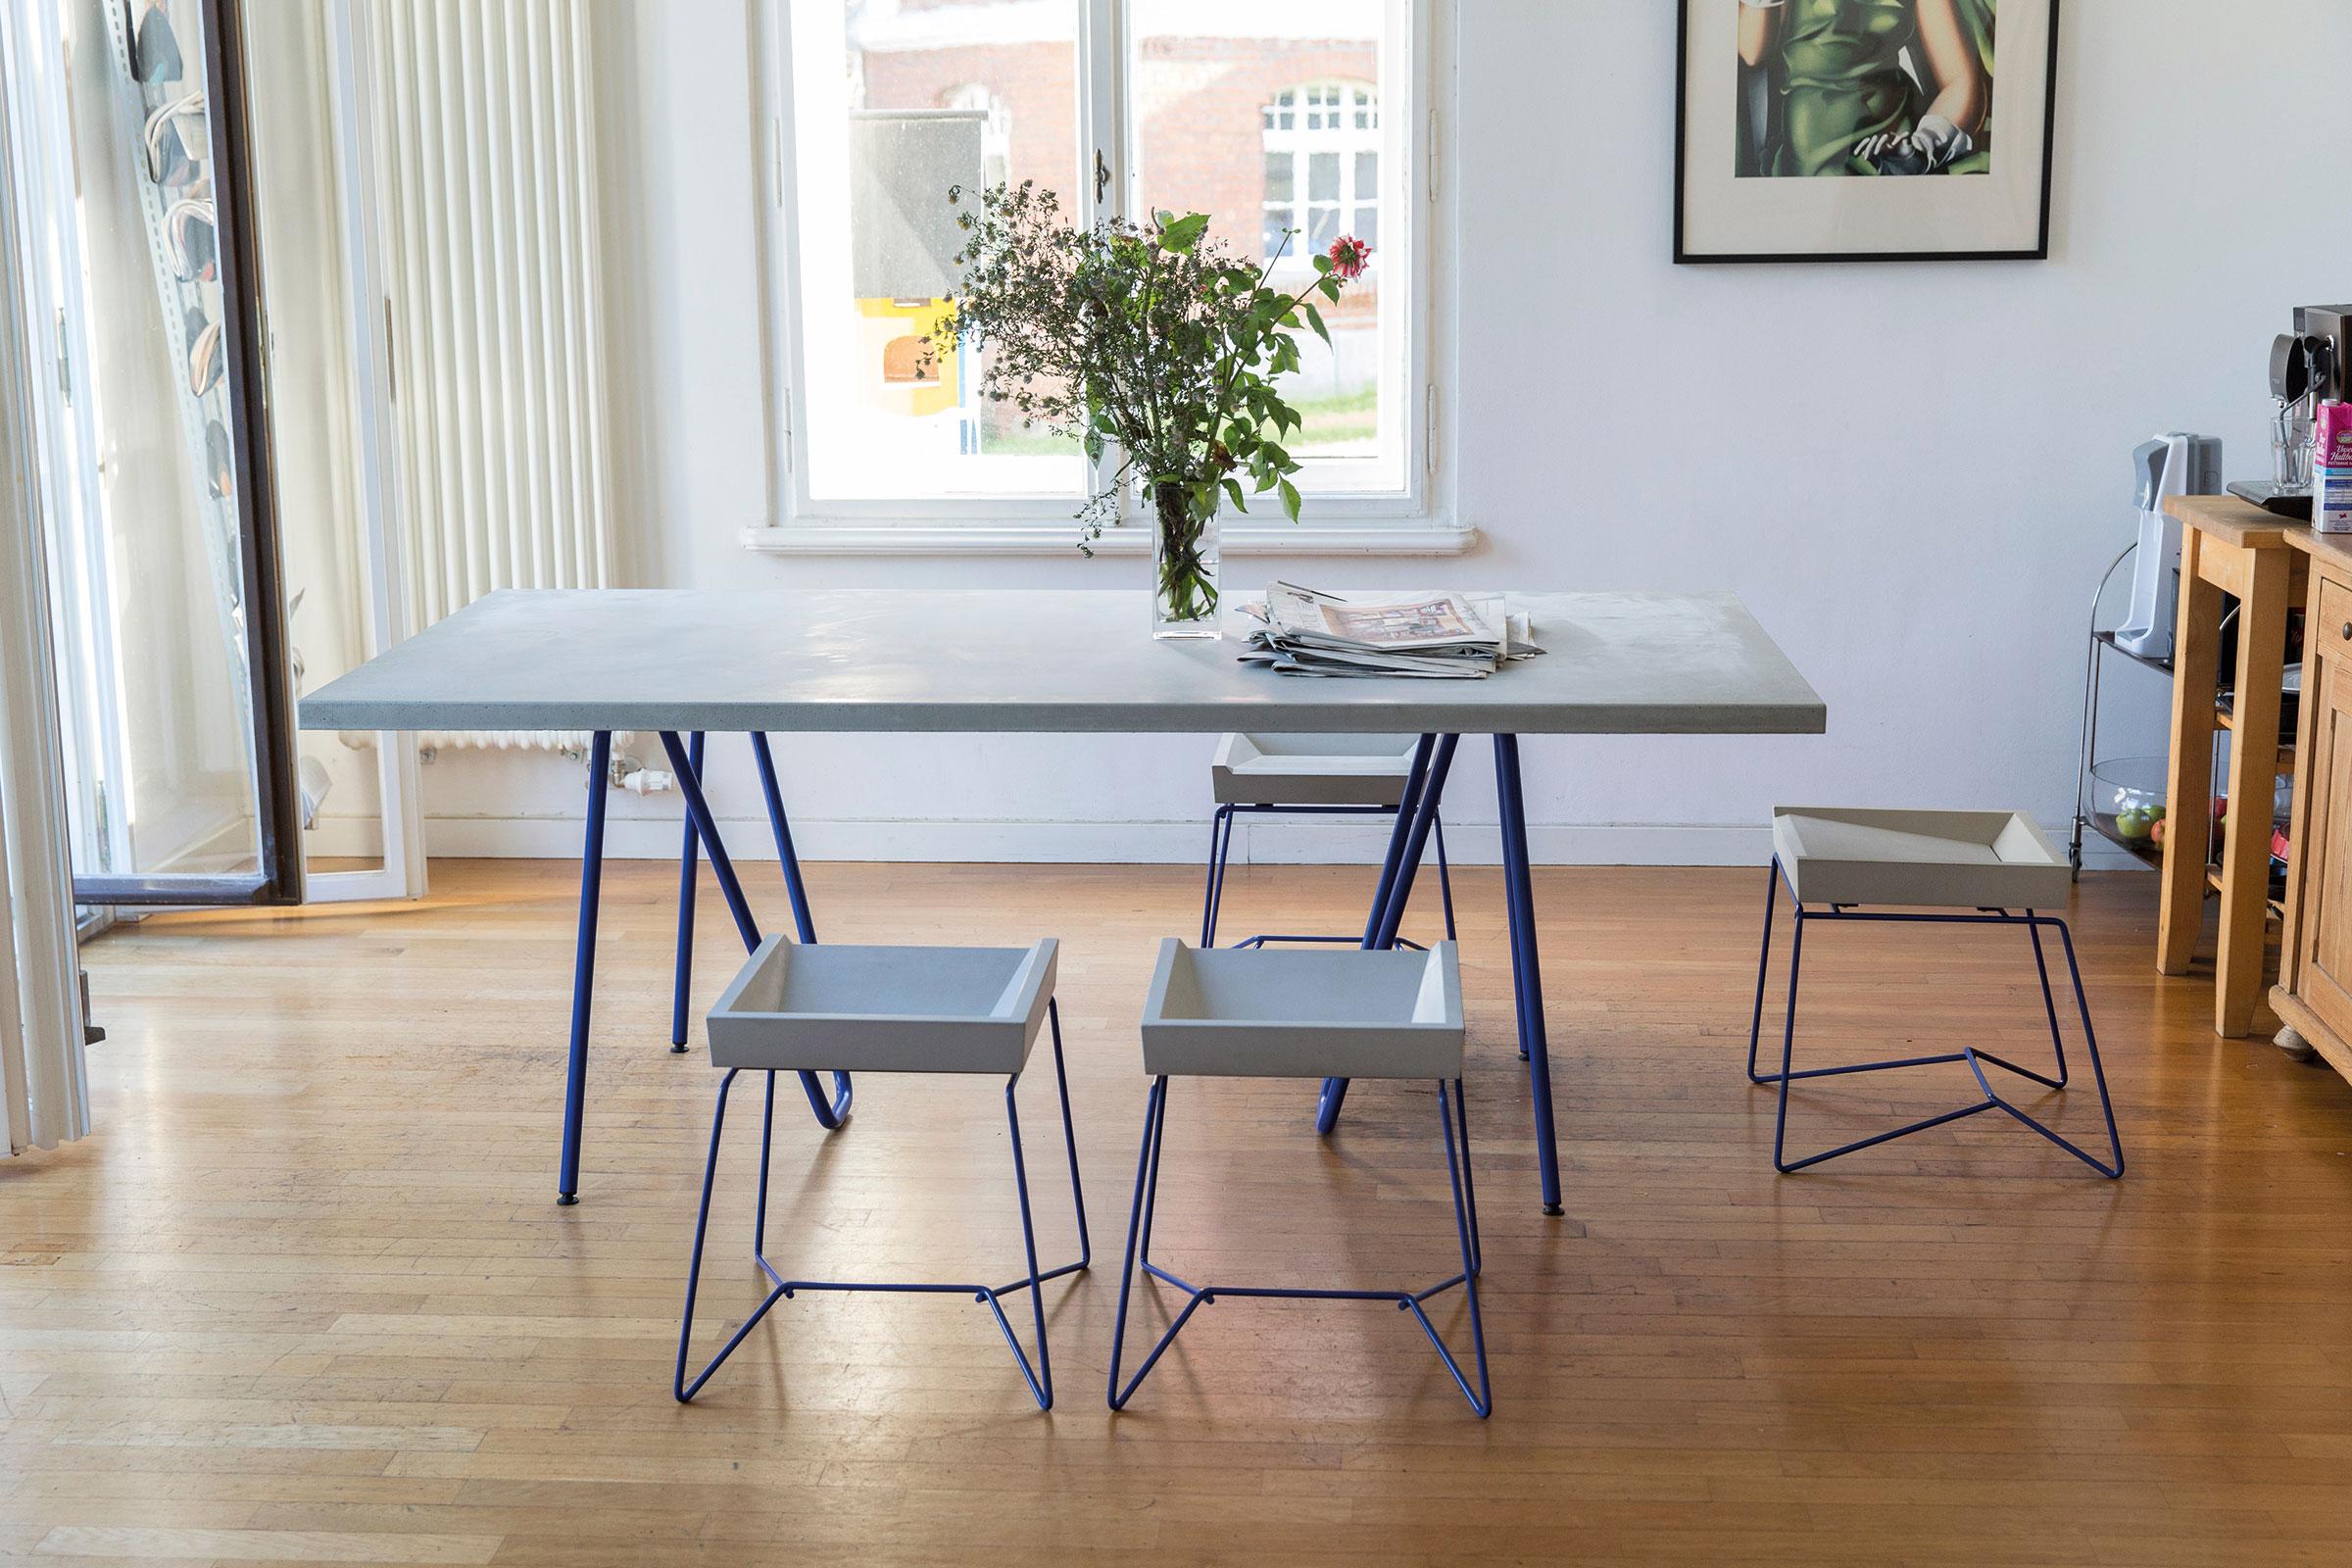 Betonmöbel, betoniu stuhl